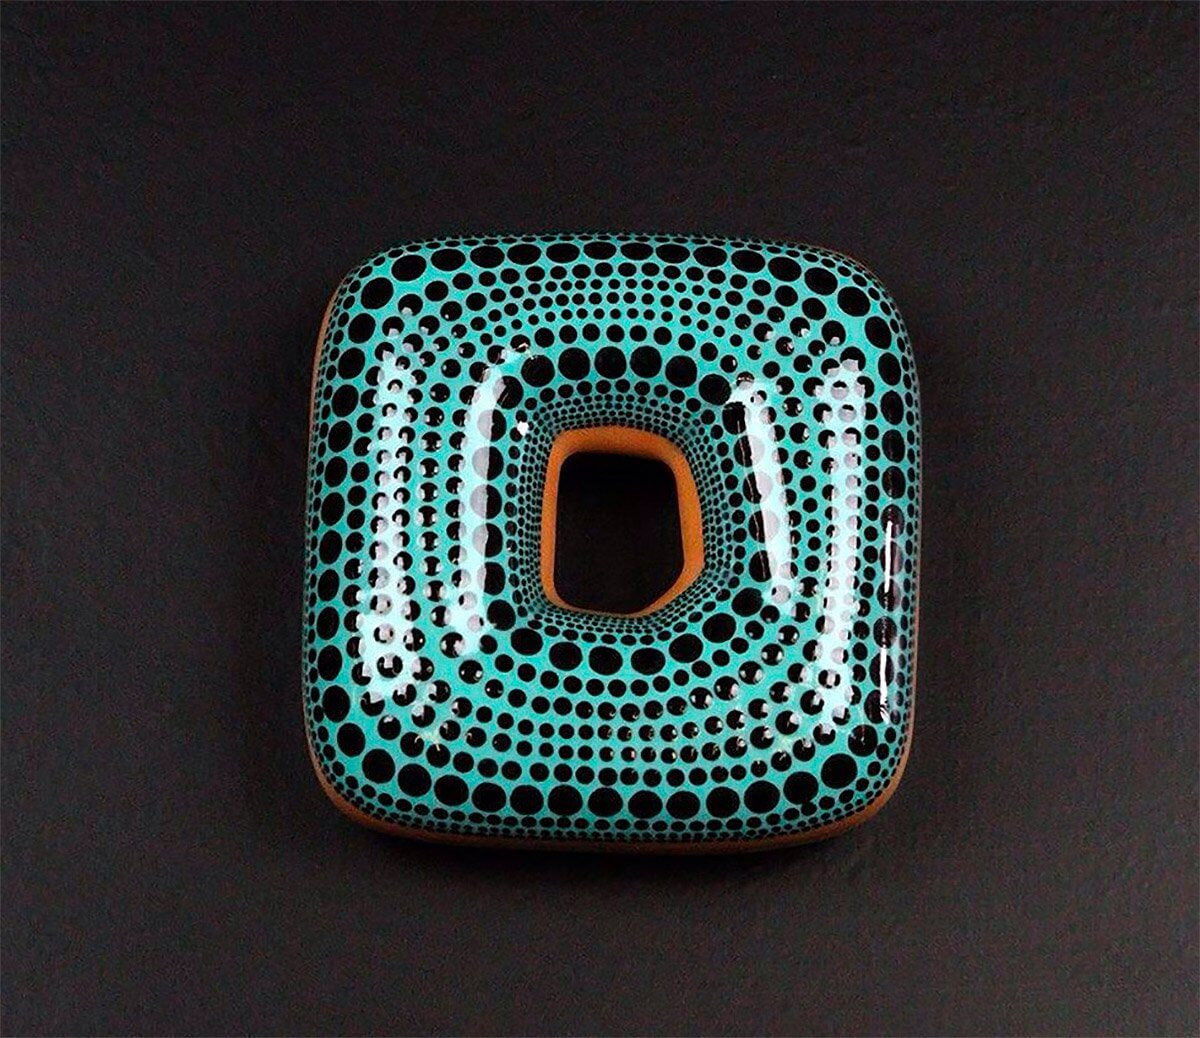 Ceramic Donuts Jae Yong Kim 5 (1)